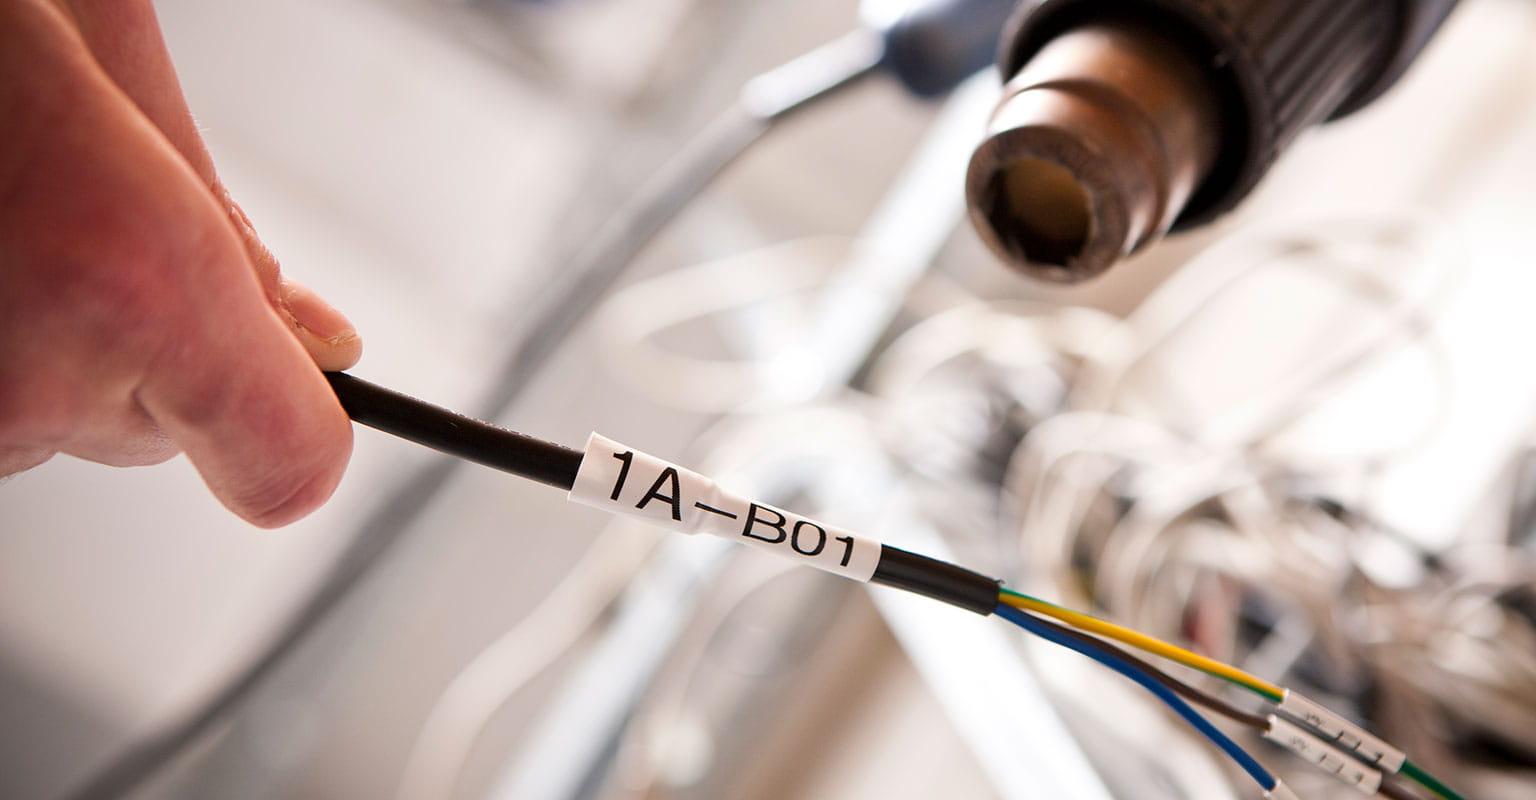 Termoskrčljiva cevka HSe Brother, nameščena na kablu